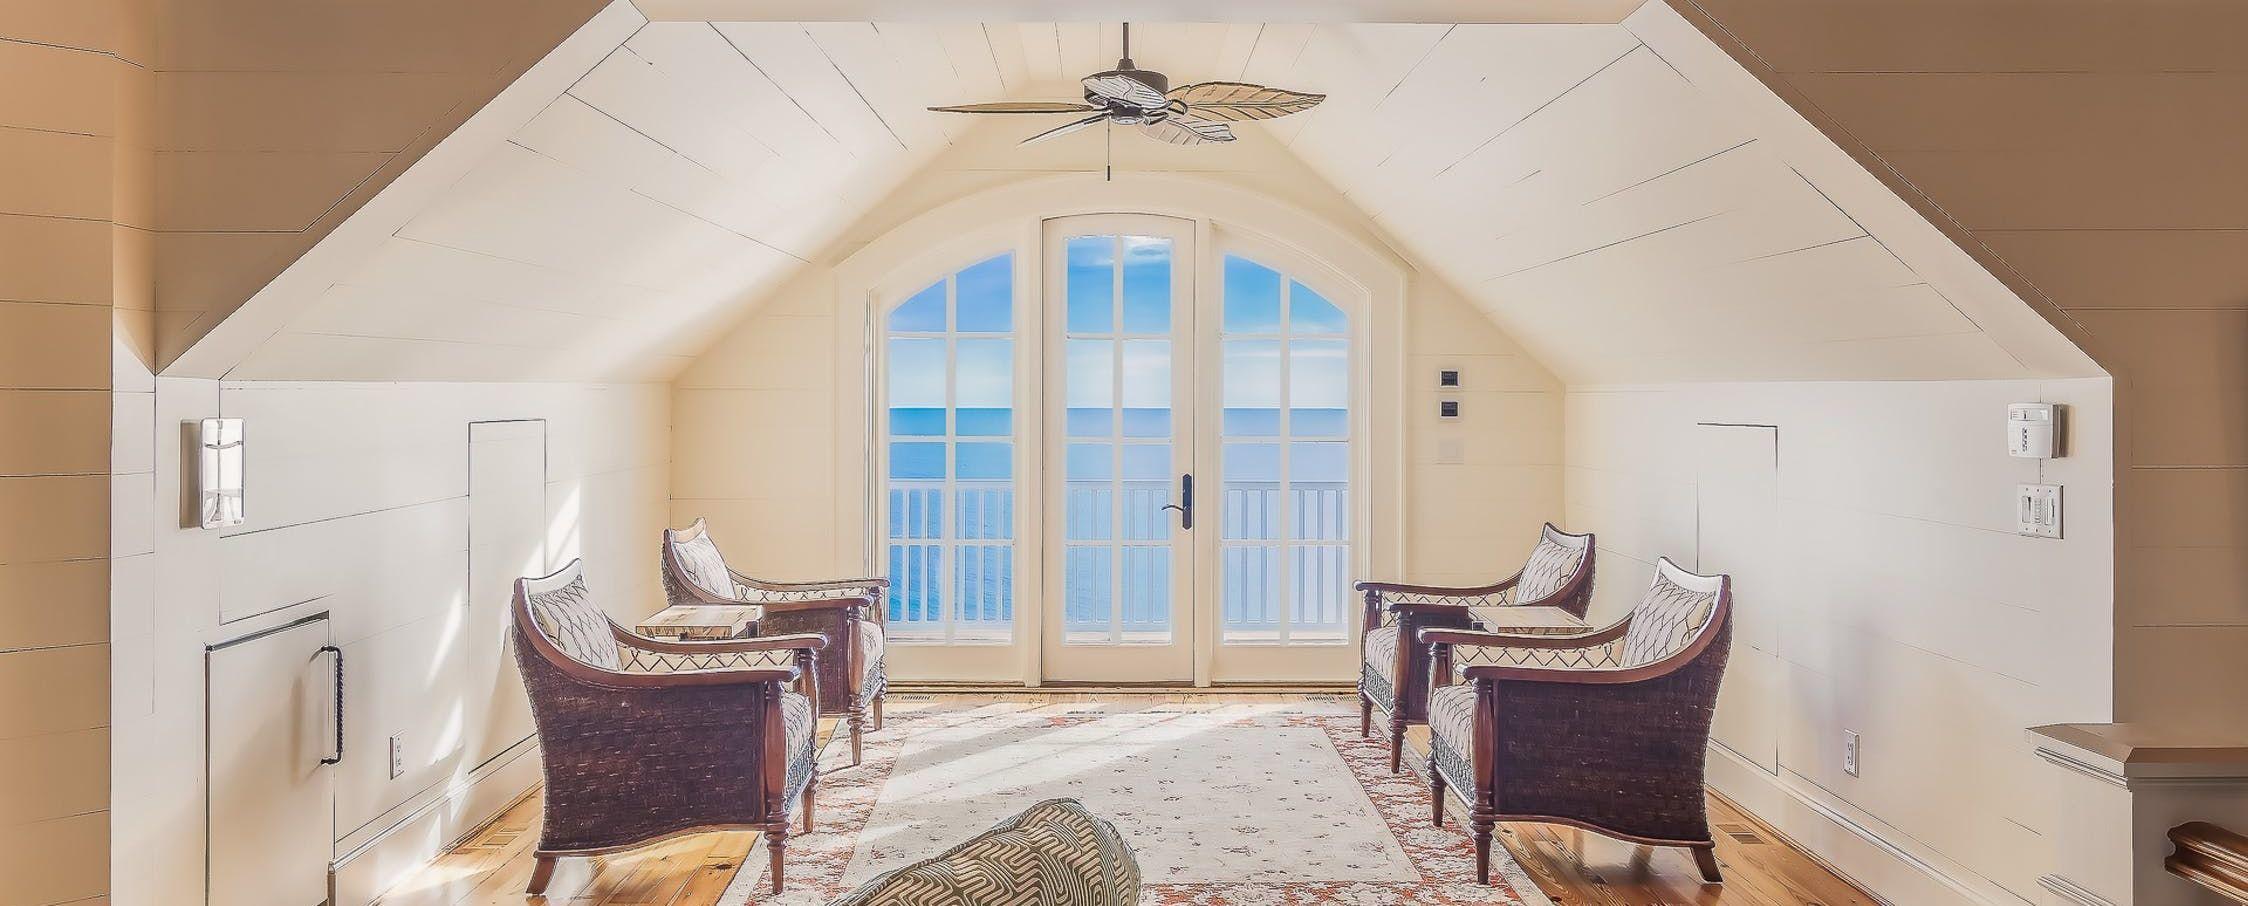 Dachfenster renovieren kosten preise - Was kostet ein dachfenster ...